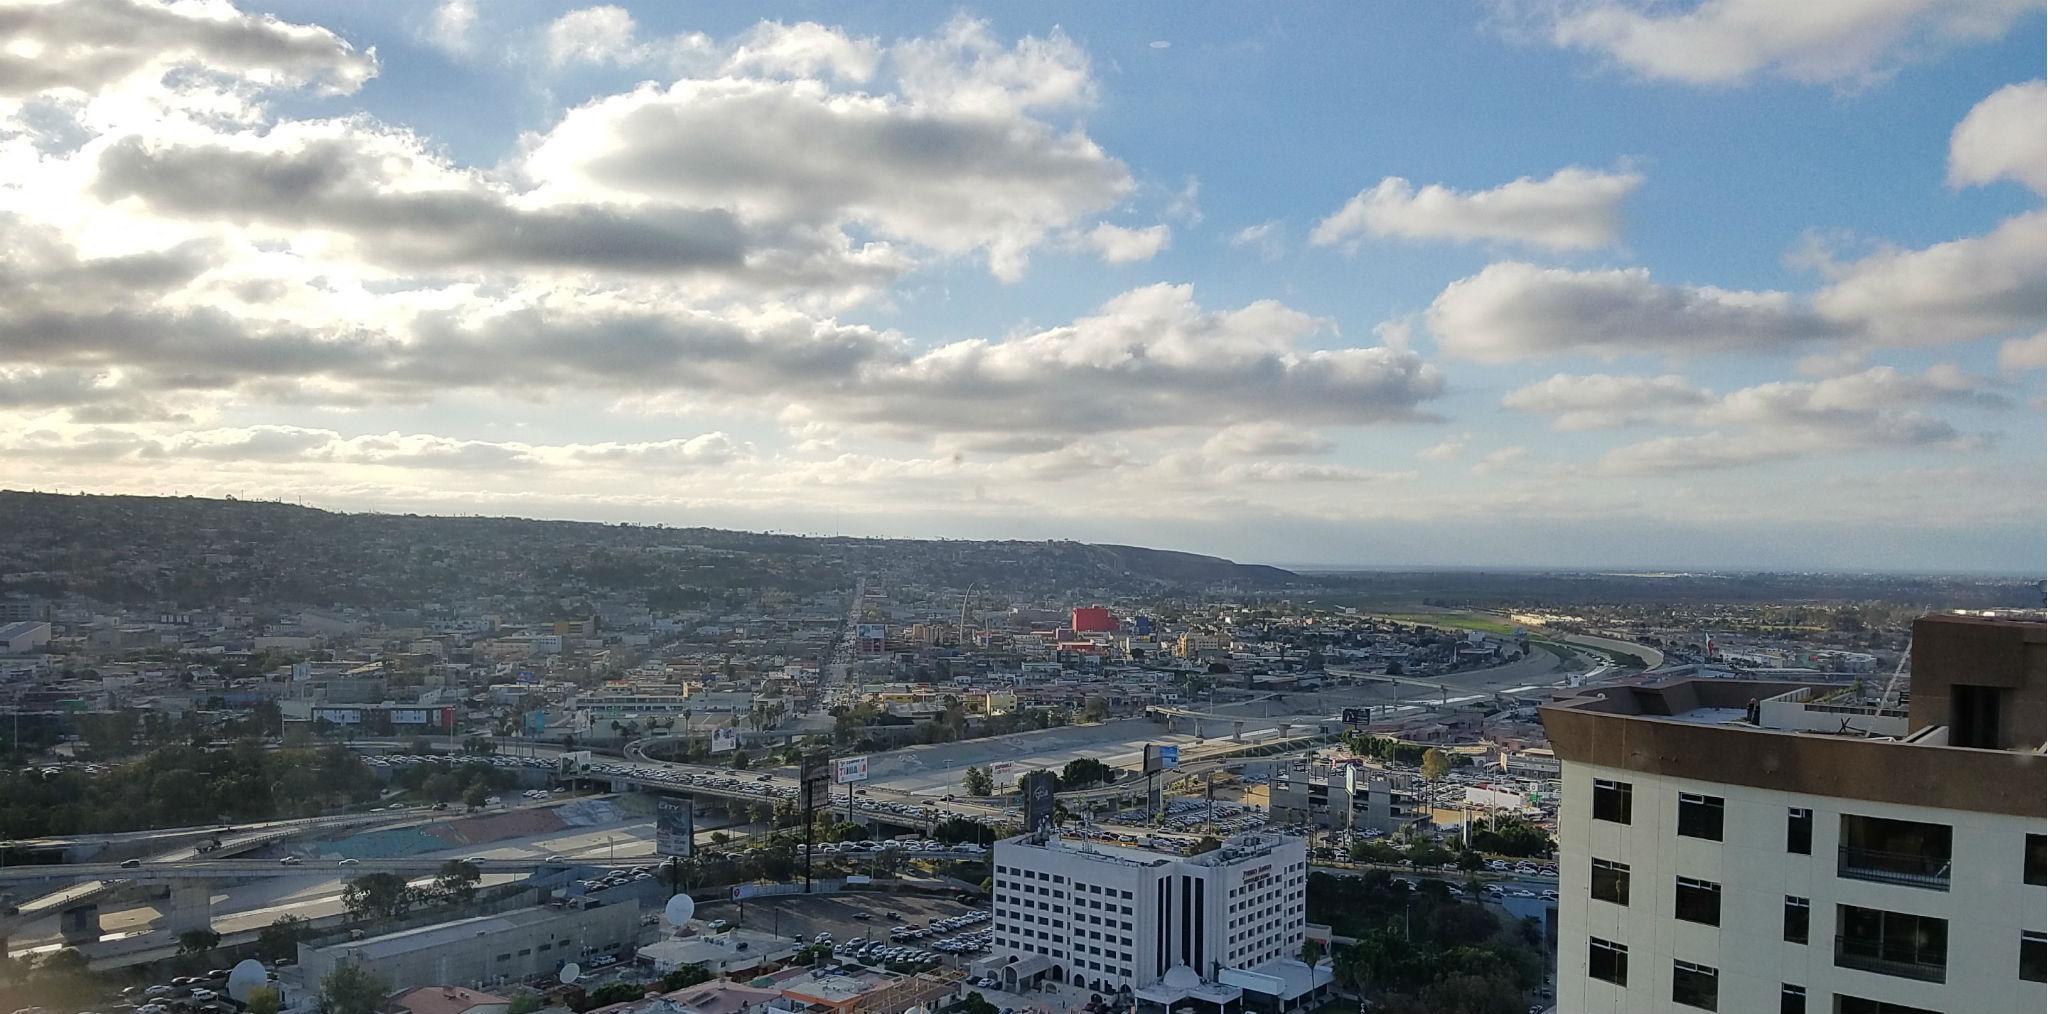 History of Tijuana, Mexico